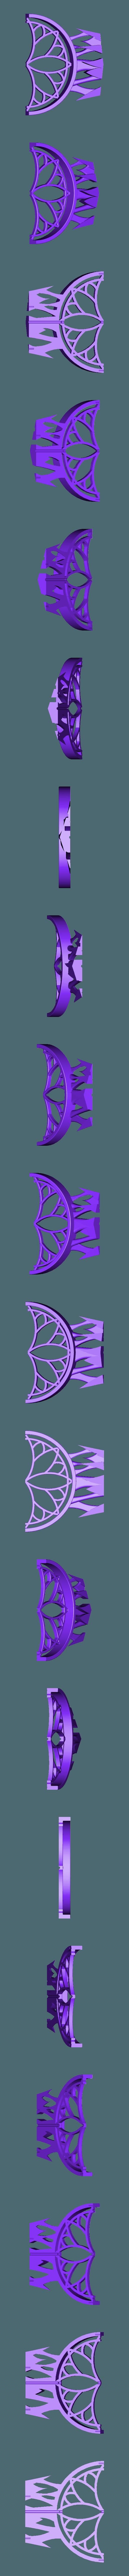 Dream Nail 3-1.stl Download STL file Hollow Knight Dream Nail • 3D print object, glargonoid